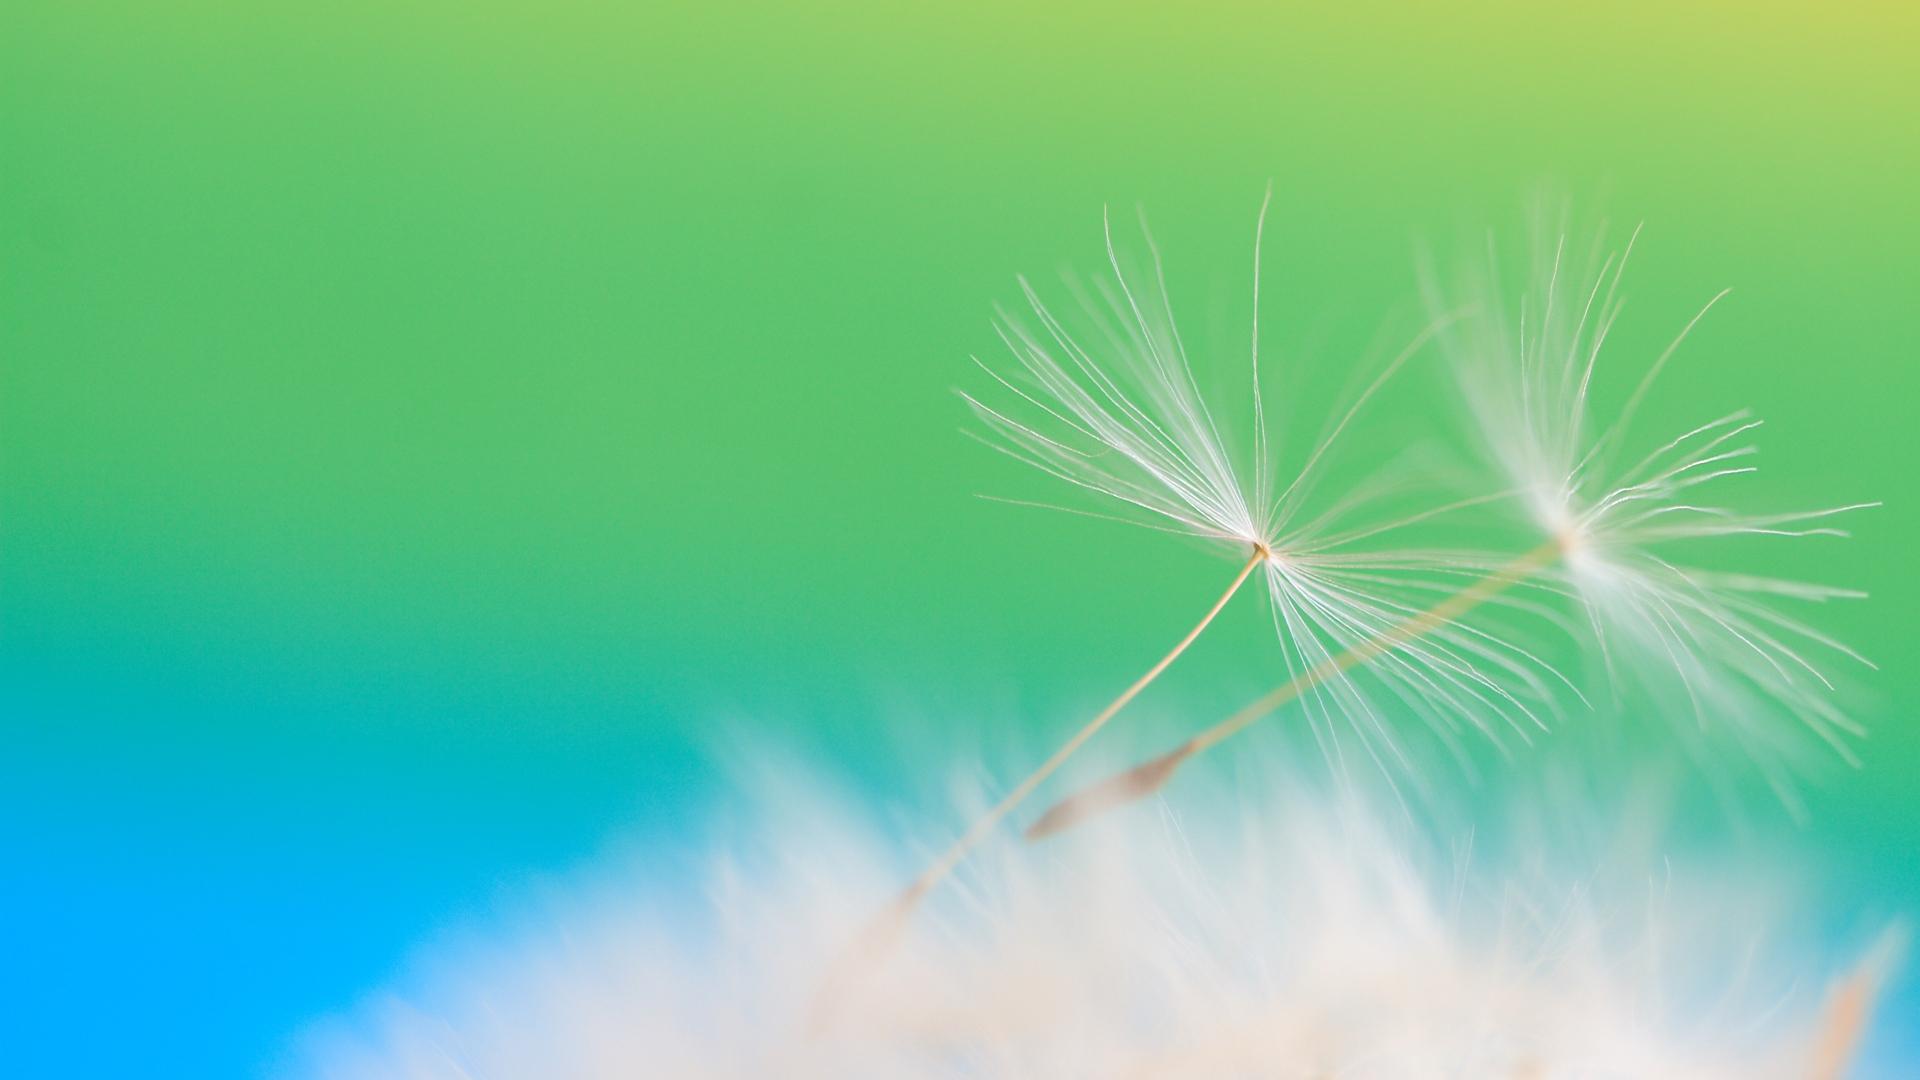 dandelion seeds wallpaper 42634